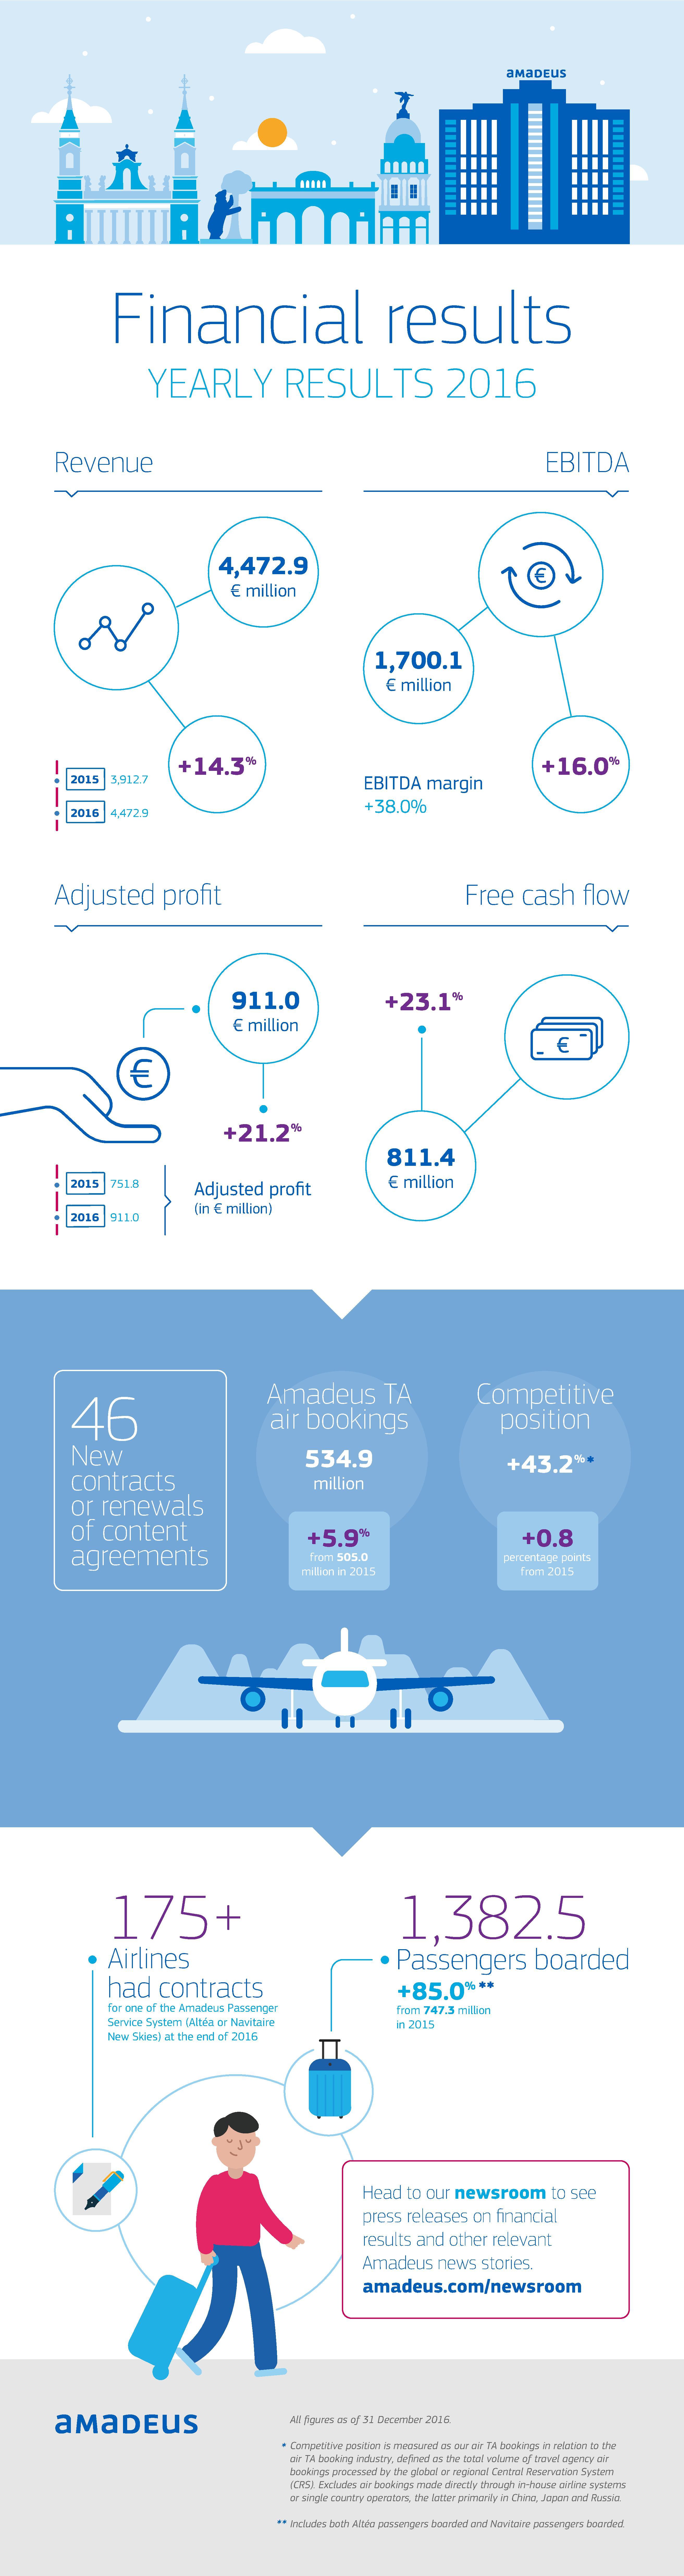 Creștere accelerată a profitului Amadeus ca rezultat al consolidării afacerilor de bază și al achizițiilor